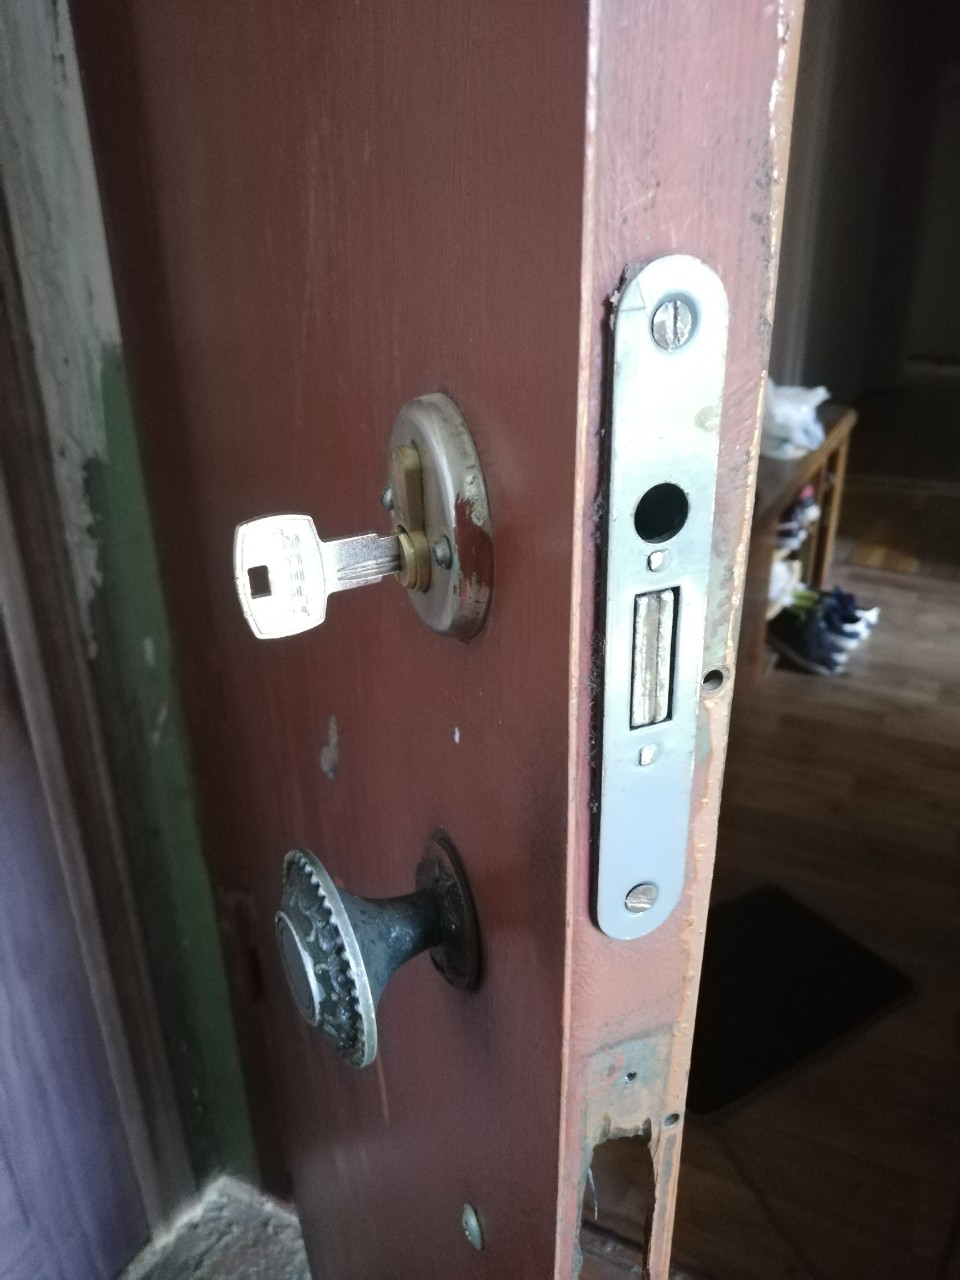 Фото Вытянуть личинку с заклинившим ключем, поехать купить такую же и поставить. Заняло около 2-х часов.